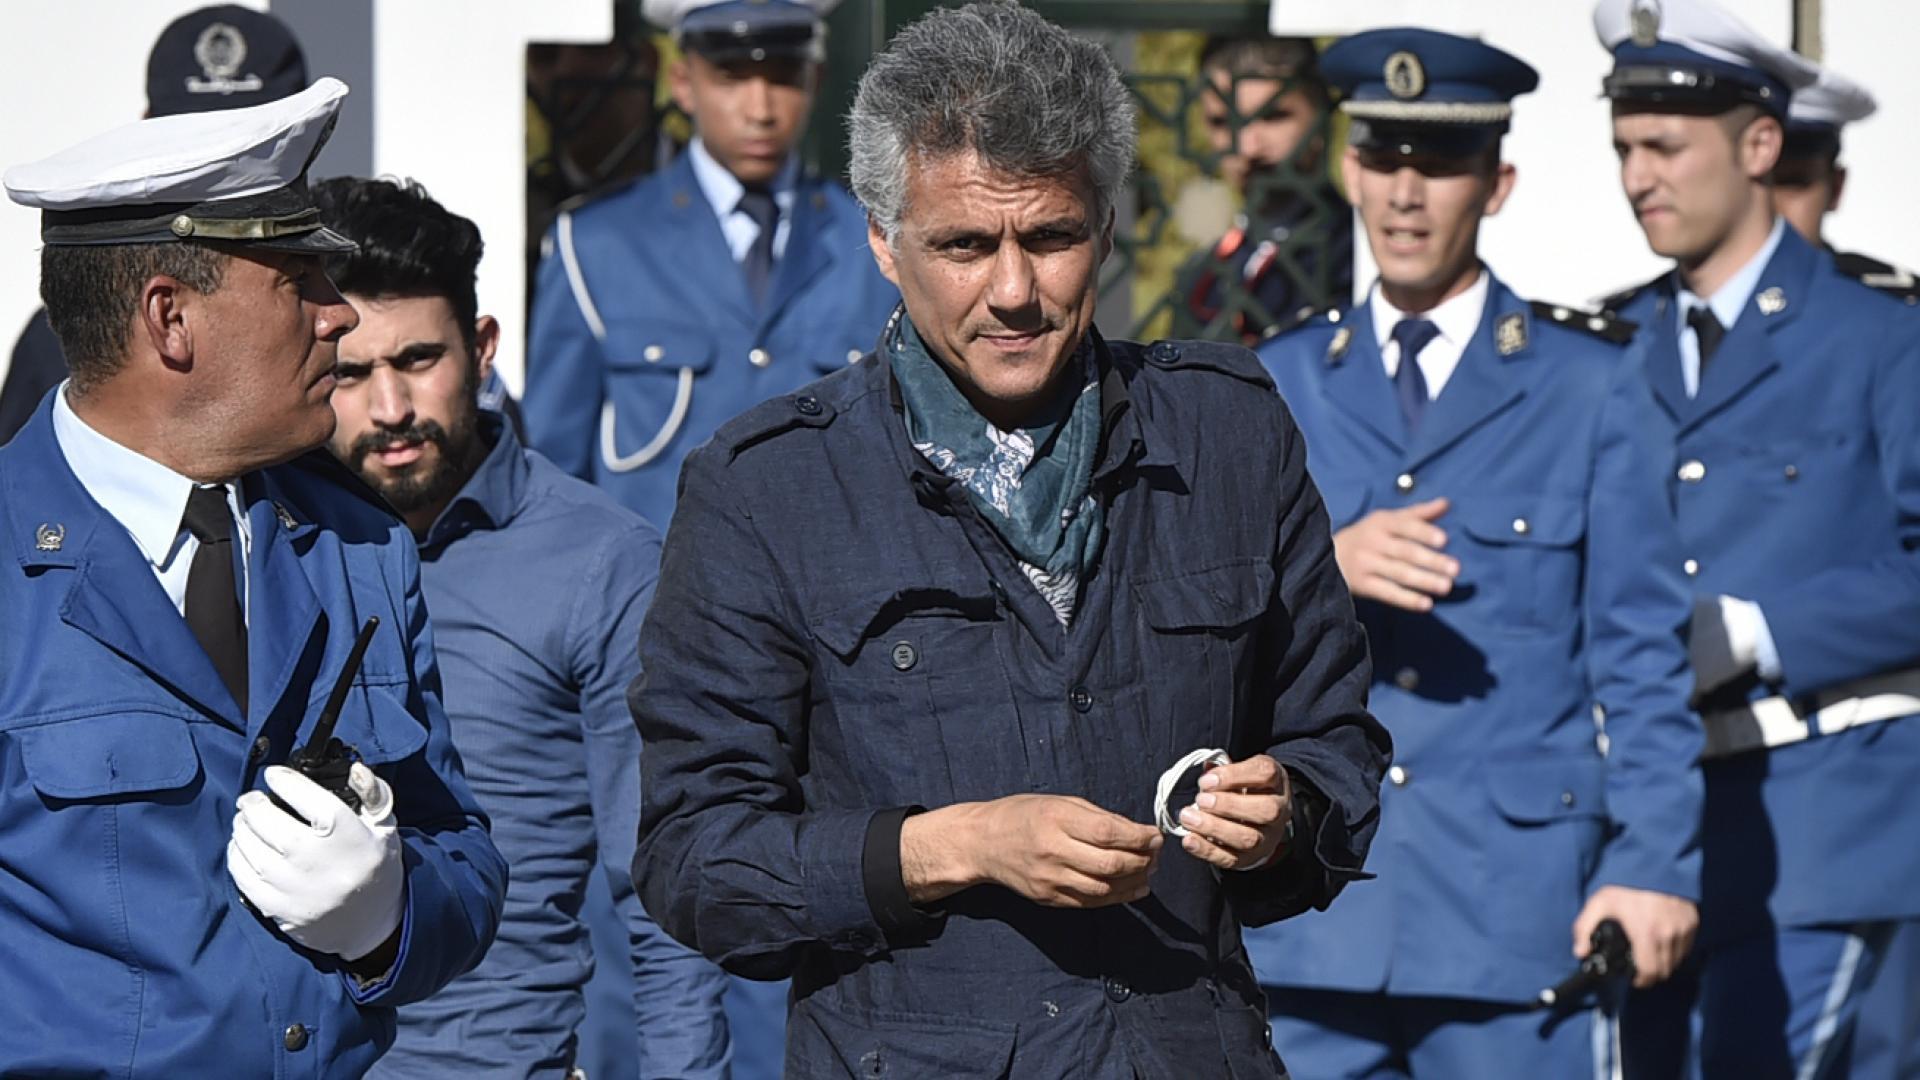 تقارير عن اعتقال رشيد نكاز زعيم المعارضة الجزائري داخل مستشفى يرقد فيه بوتفليقة بسويسرا